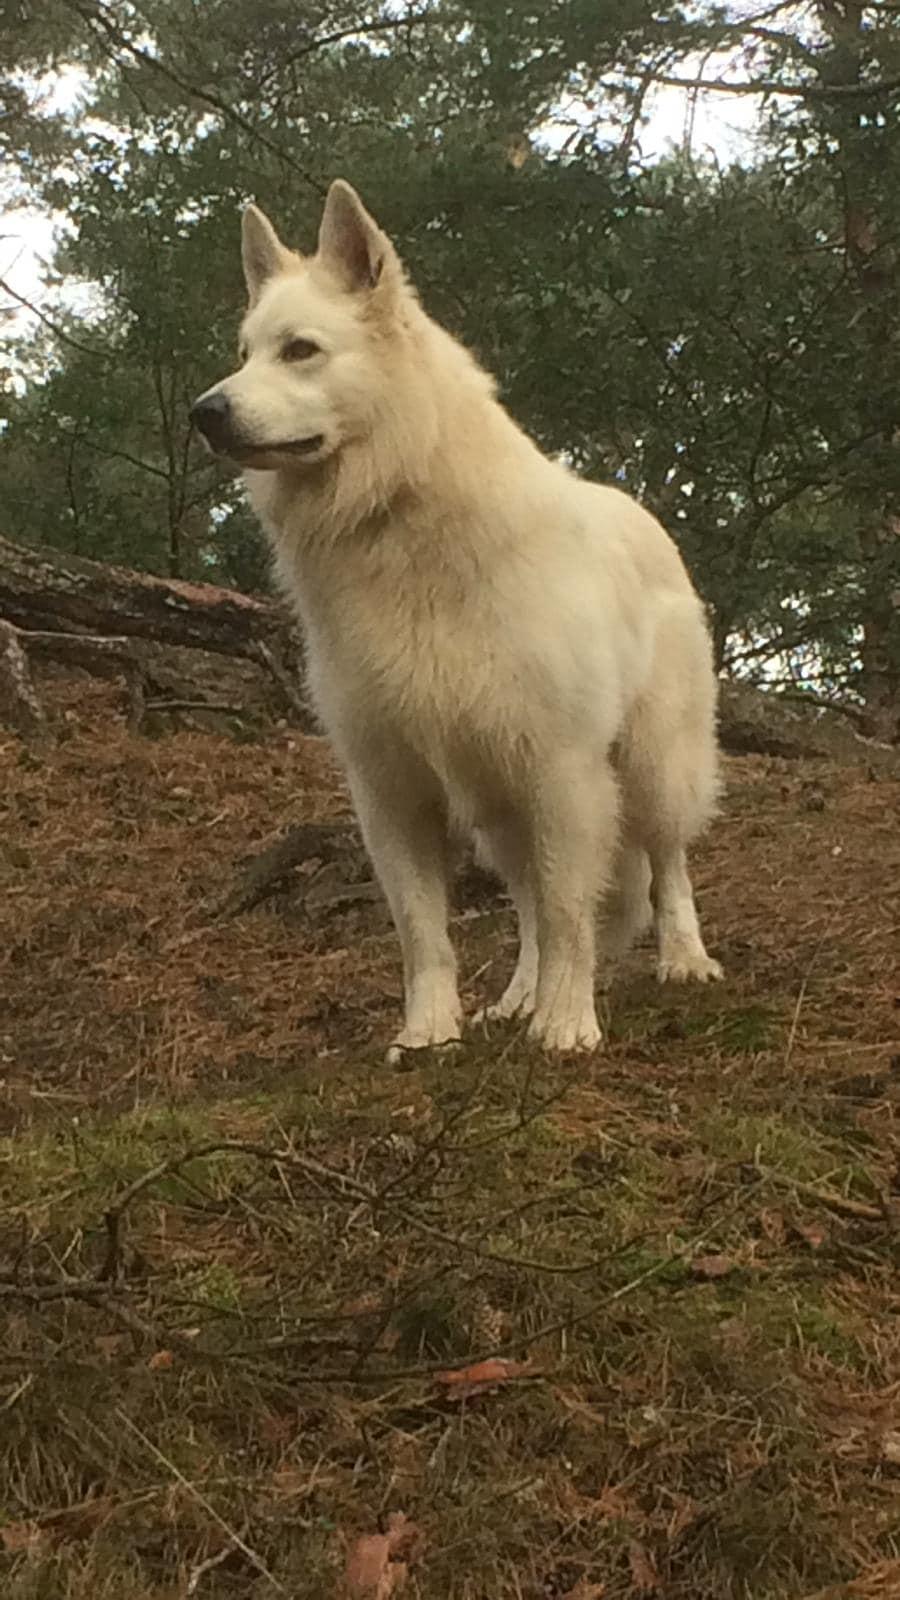 Zwitserse witte herder reu Nio 17 oktober 2020